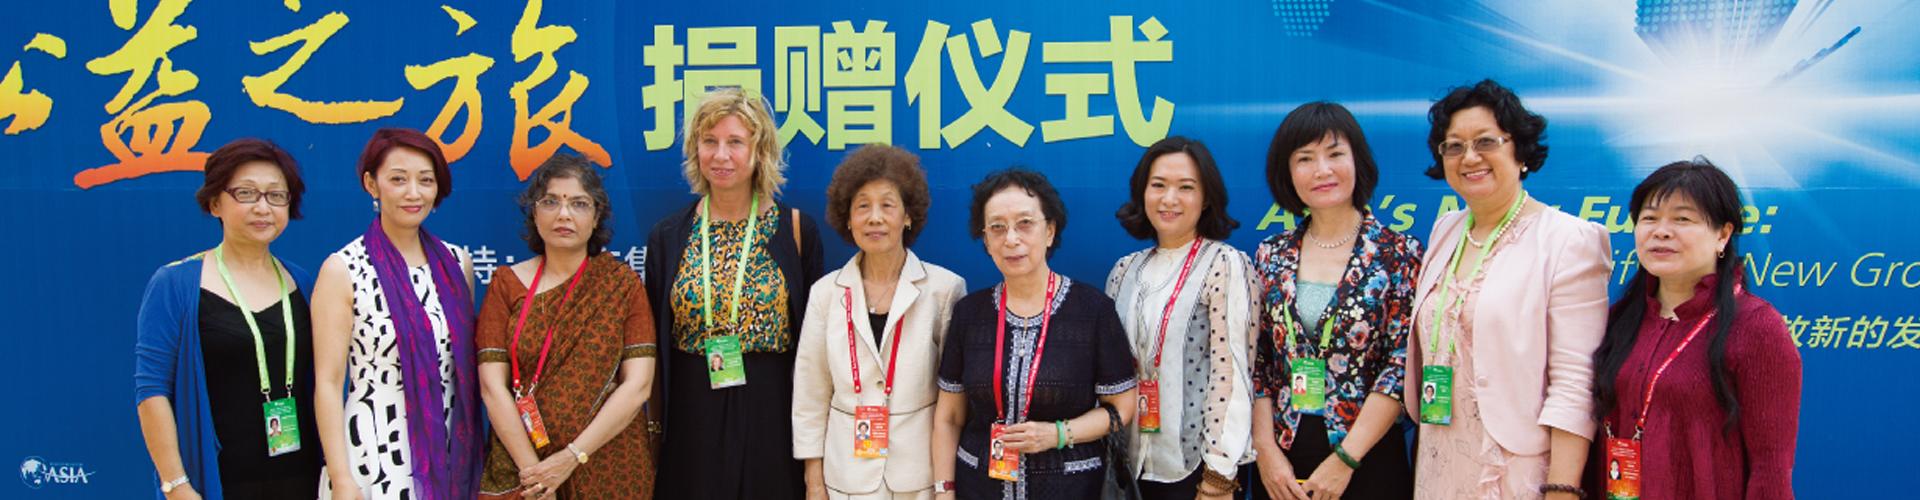 大广公益—2014博鳌公益之旅捐赠仪式